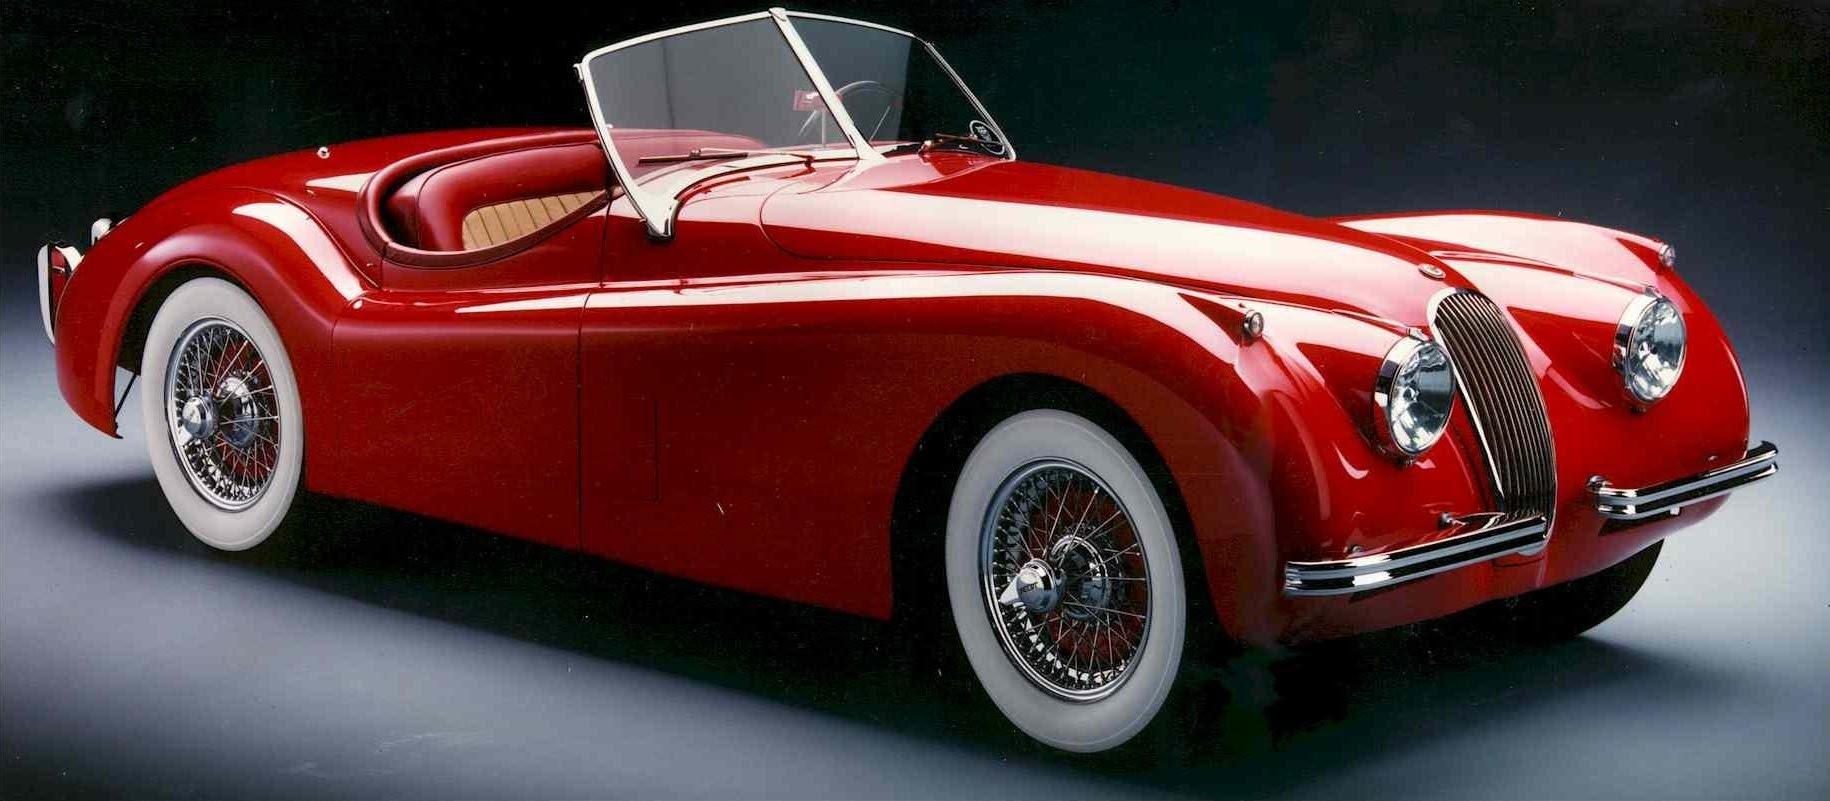 jaguar-xk-120-red